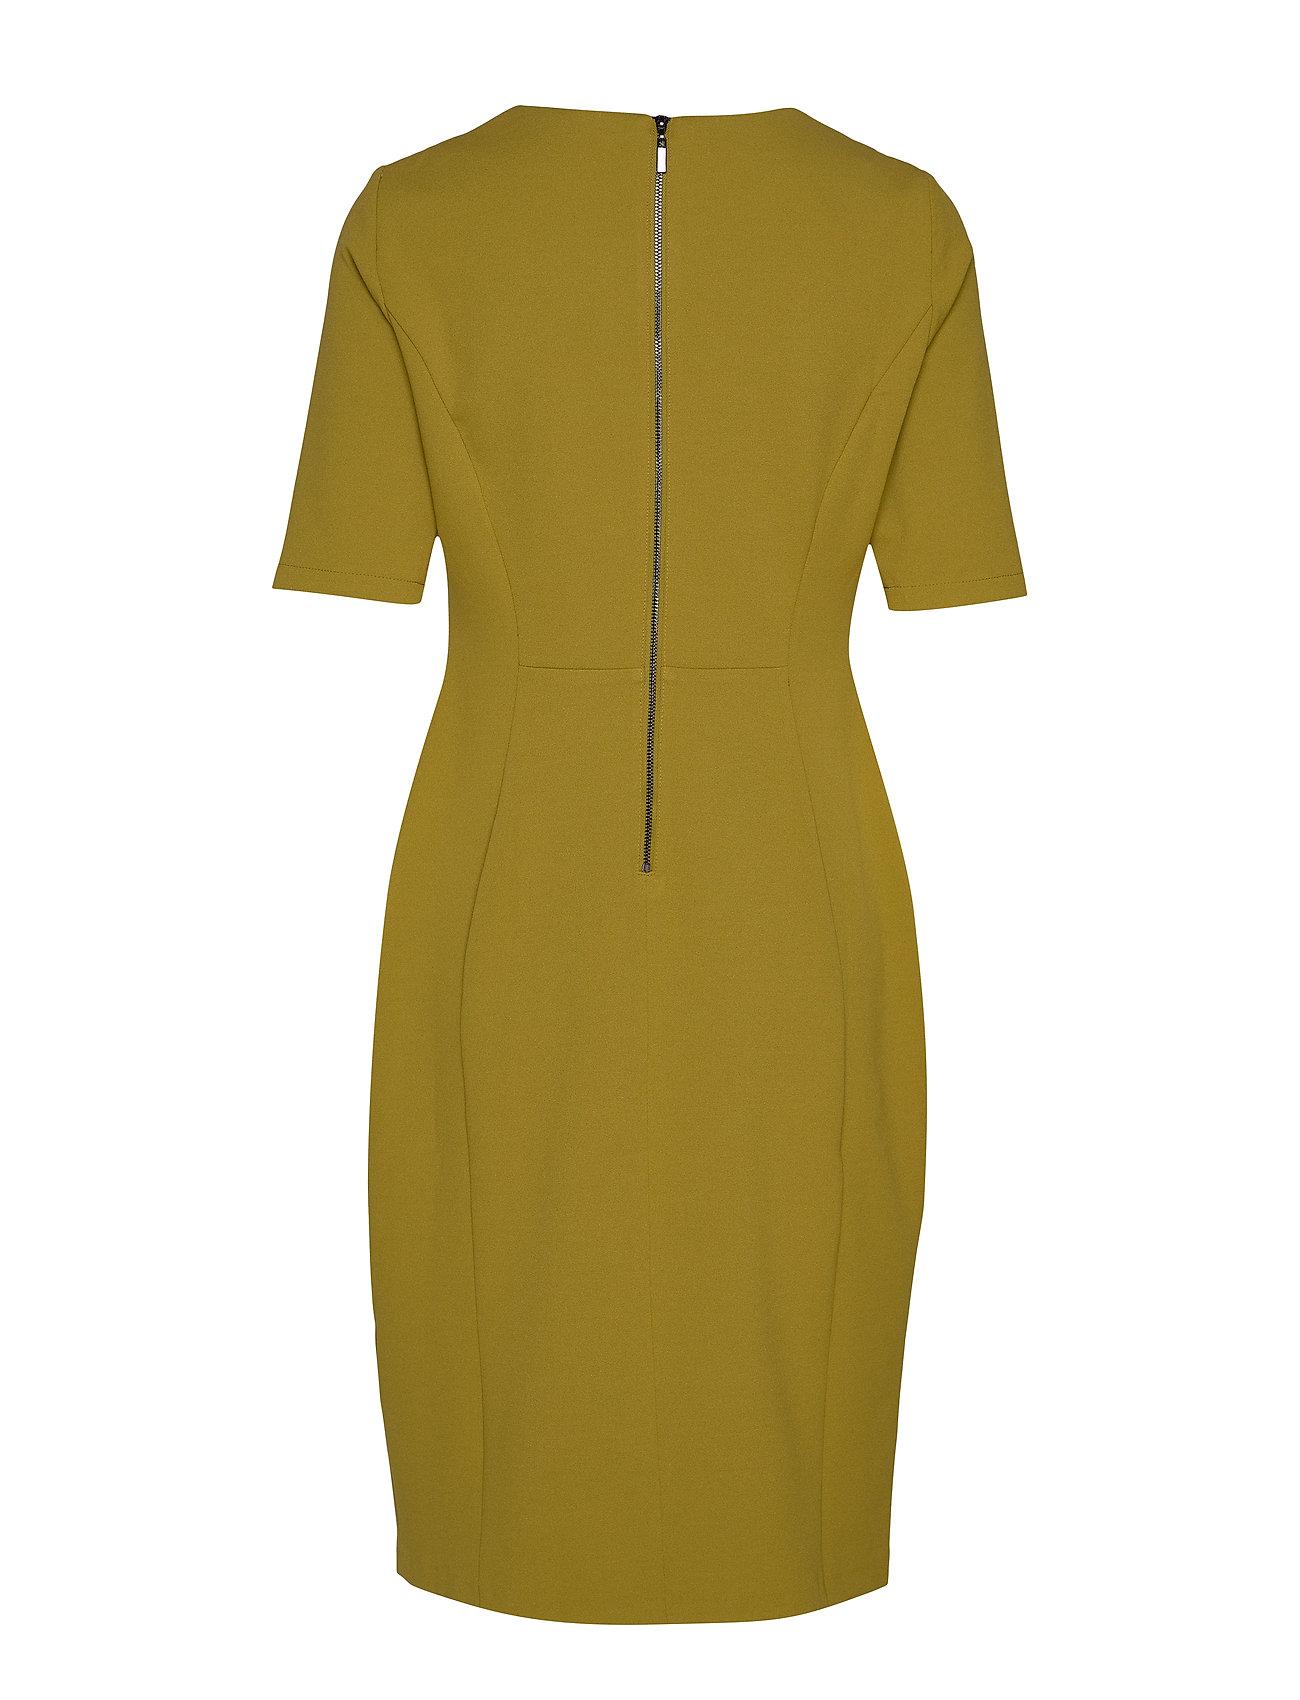 dress woven fabric kleid knielang gelb gerry weber | foccz